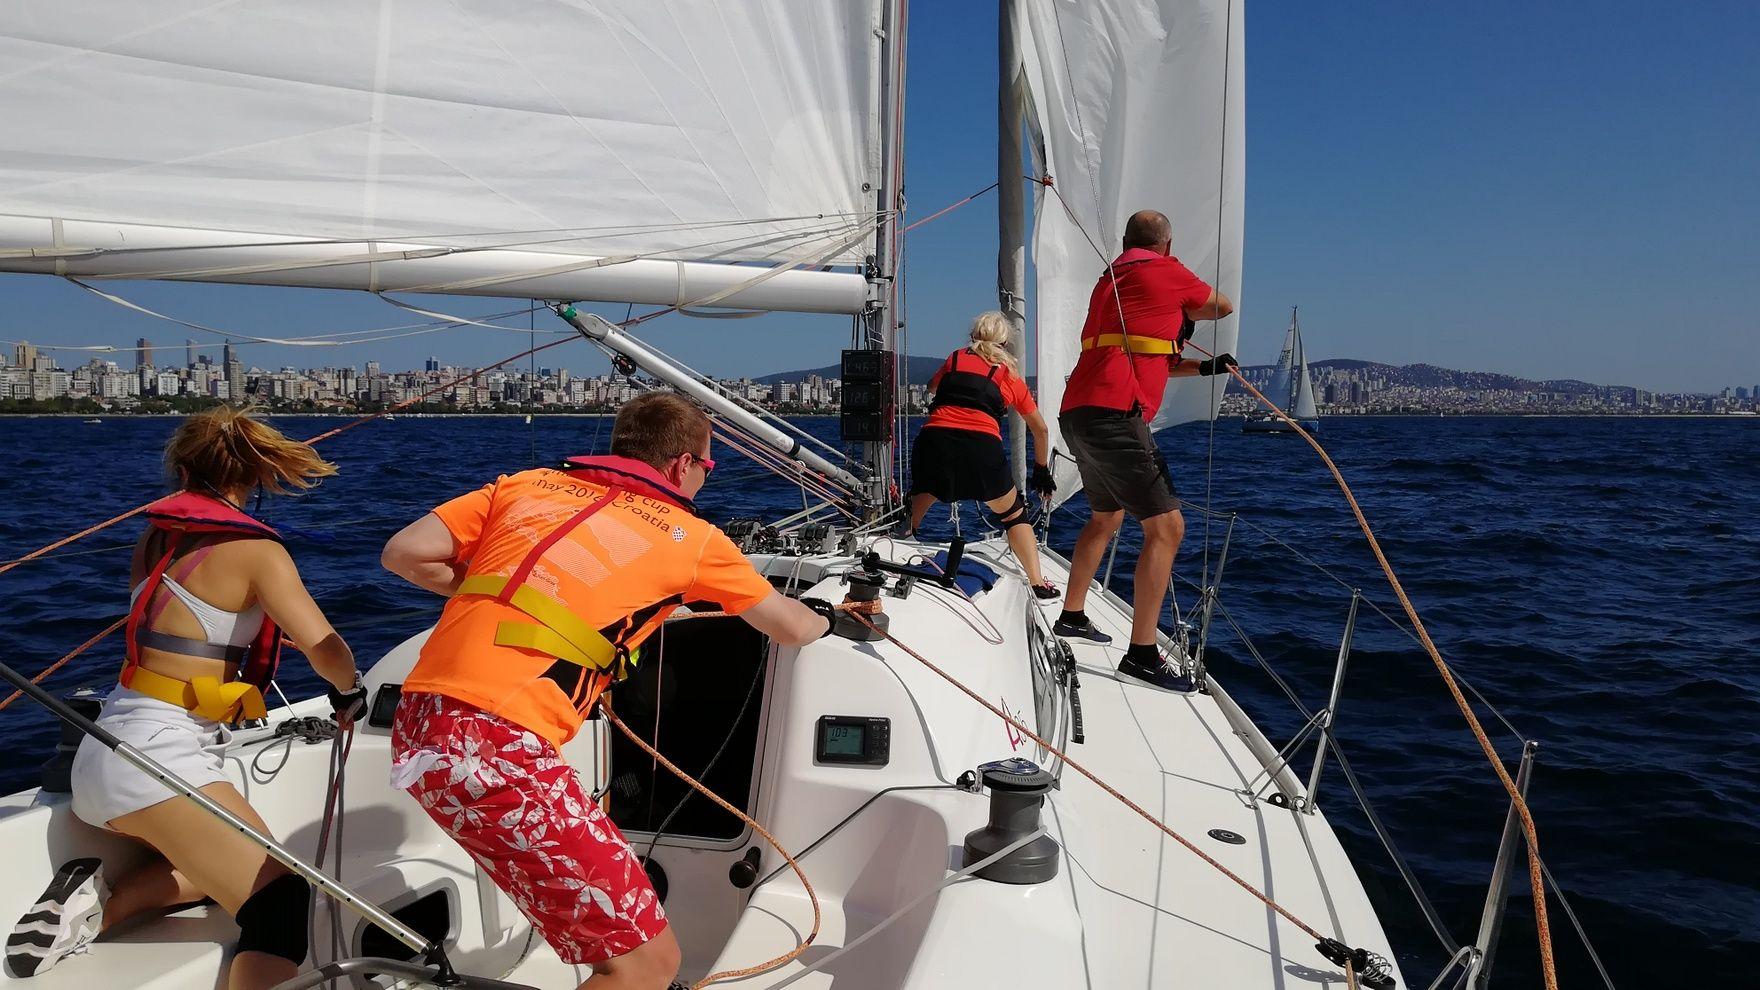 Offshore Racing Training 500 миль из Стамбула в Мармарис